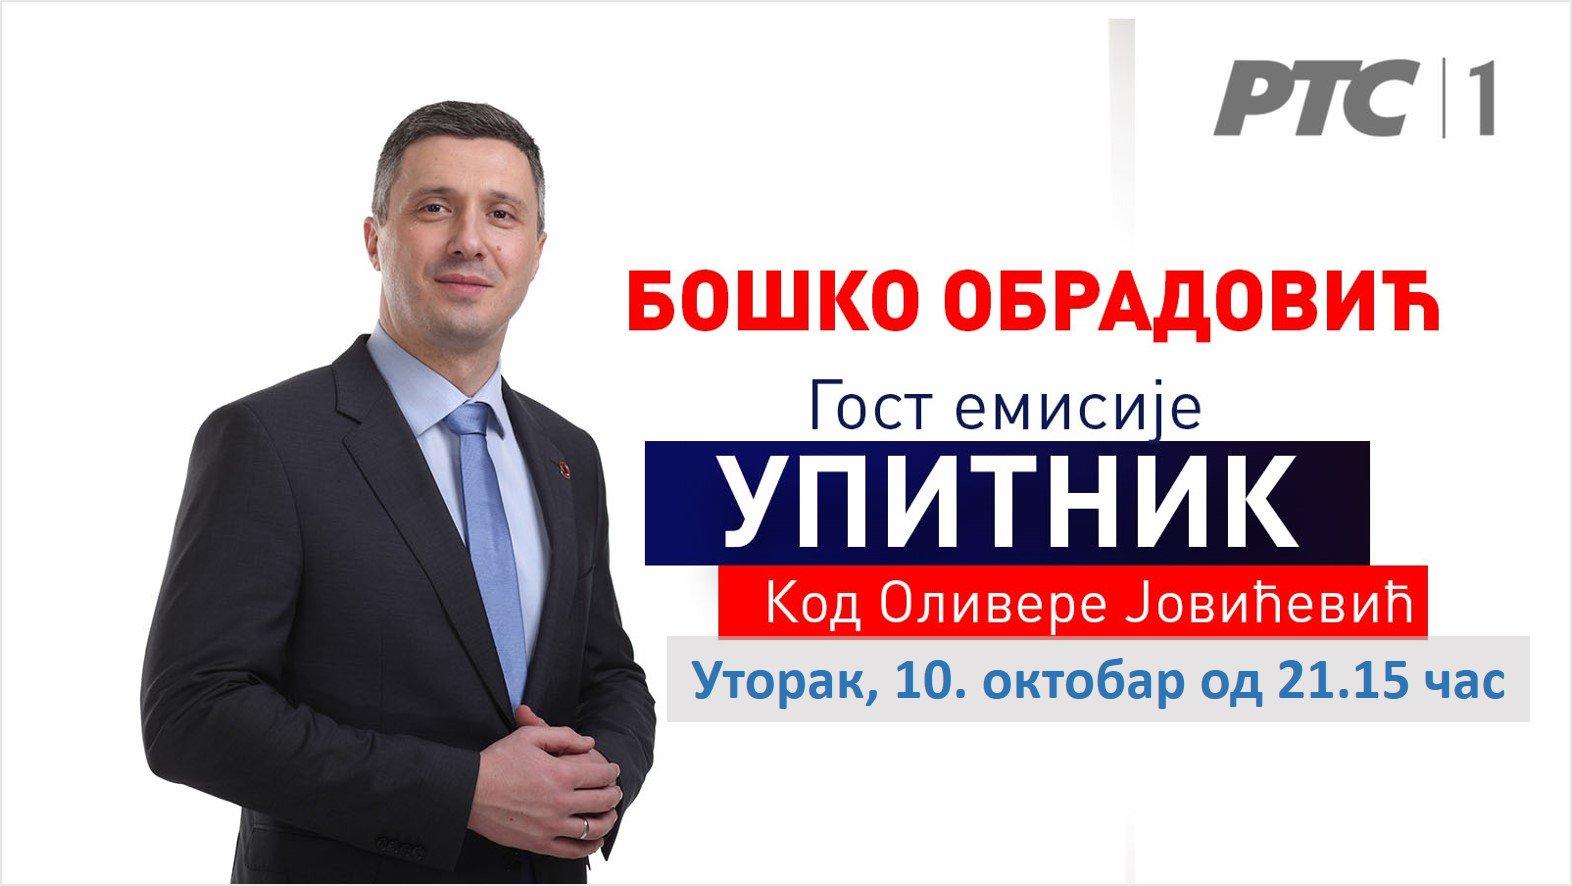 Boško Obradović u Upitniku, utorak, 10. oktobar. od 21,15č, RTS1